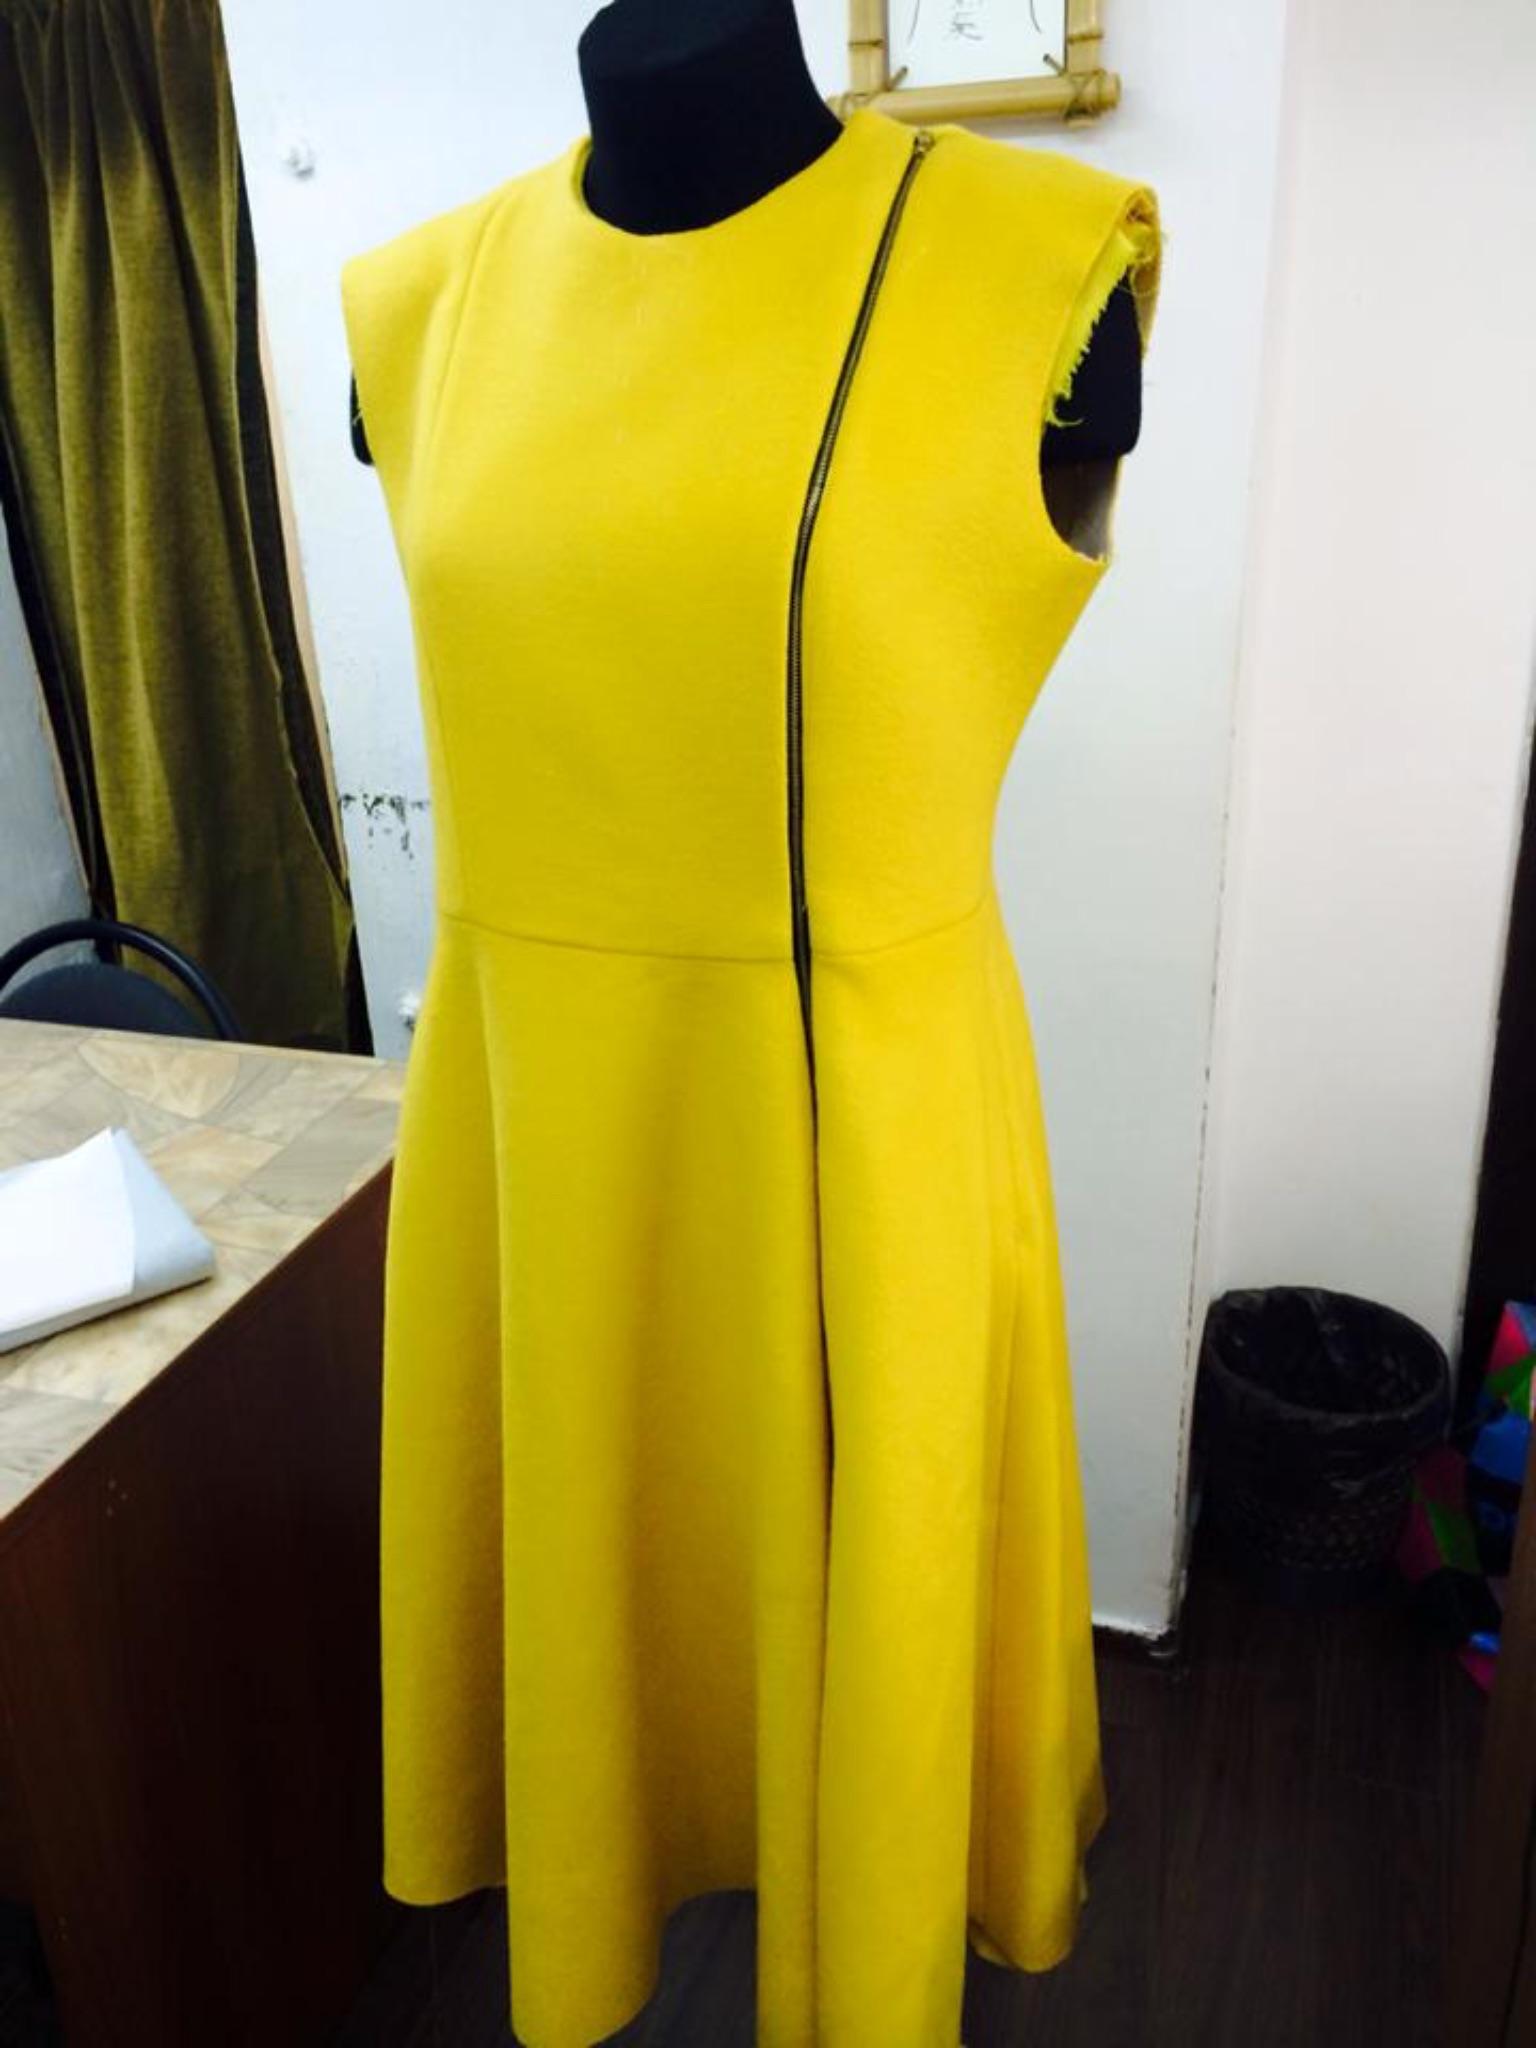 Шить пальто на курсах кройки и шитья Школа дизайнерского мастерства Елизаветы Добрицкой